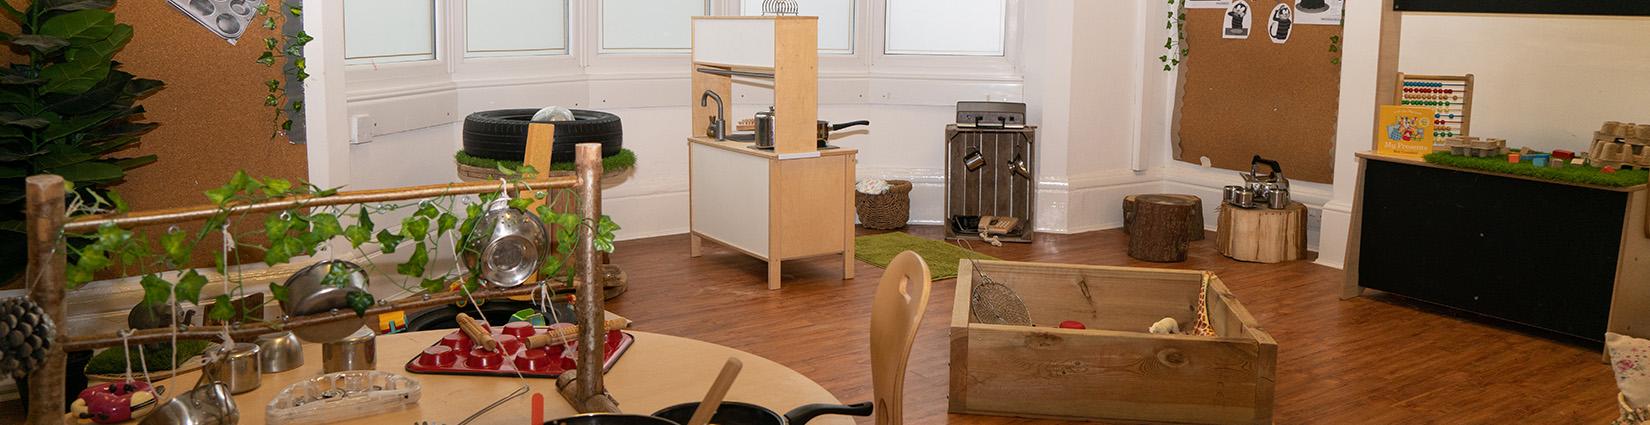 Stourbridge play kitchen